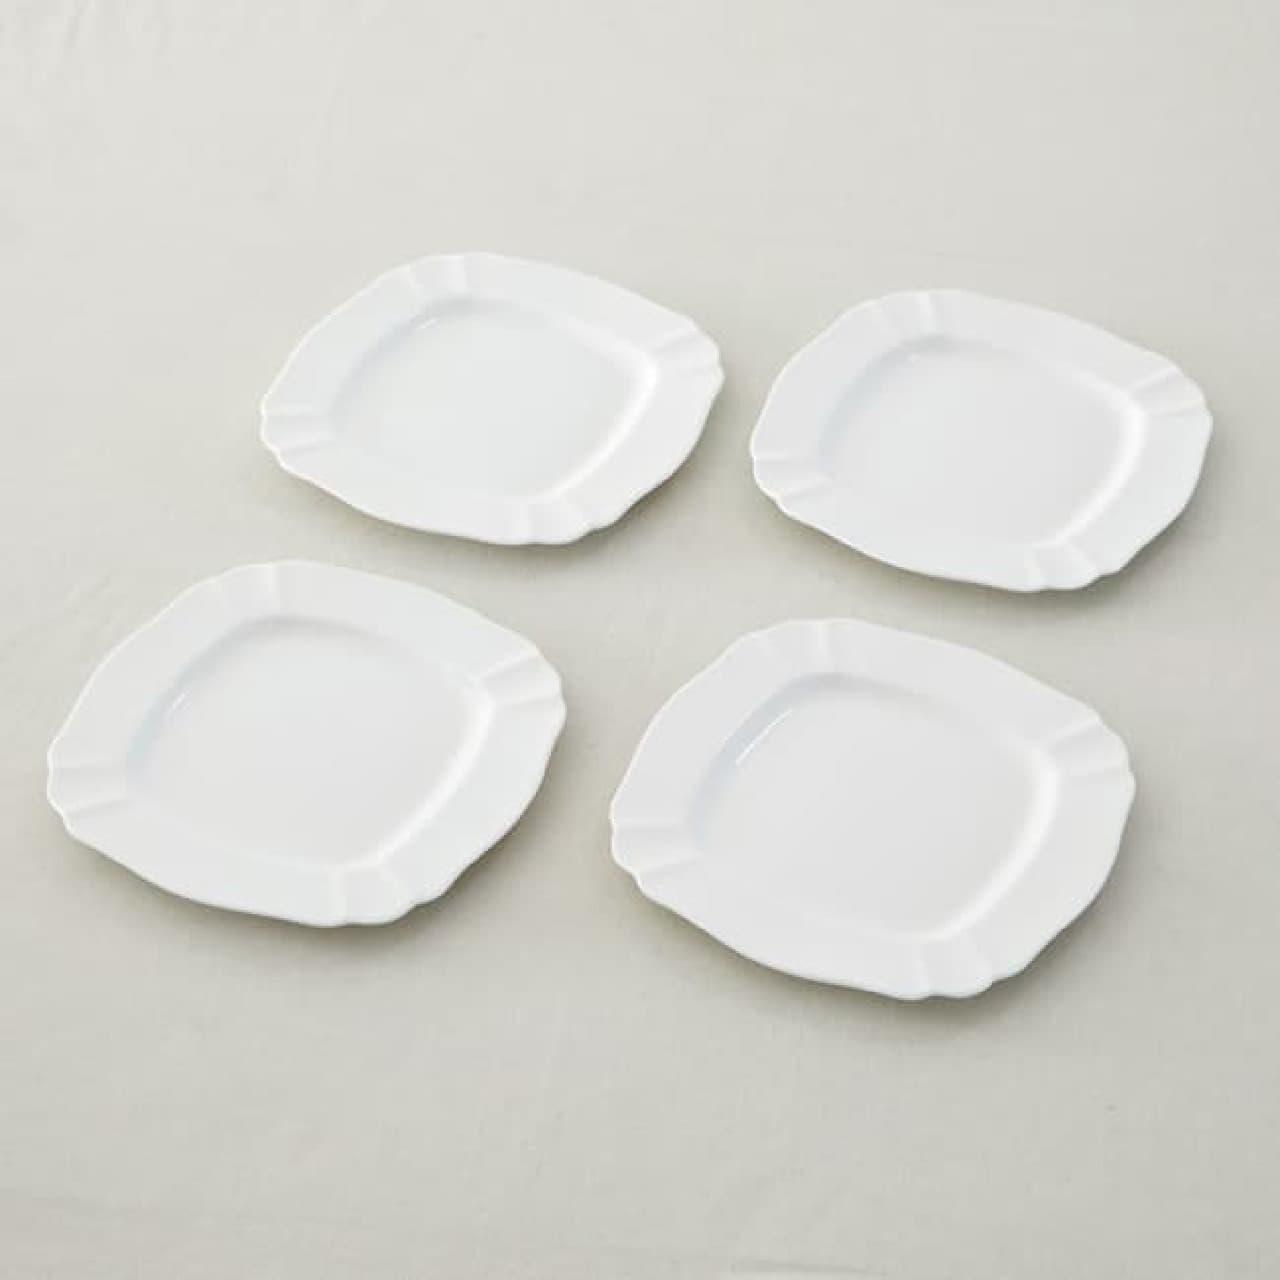 栗原はるみさんの「ボーンチャイナ」特別セット -- シンプル&華やかな洋食器